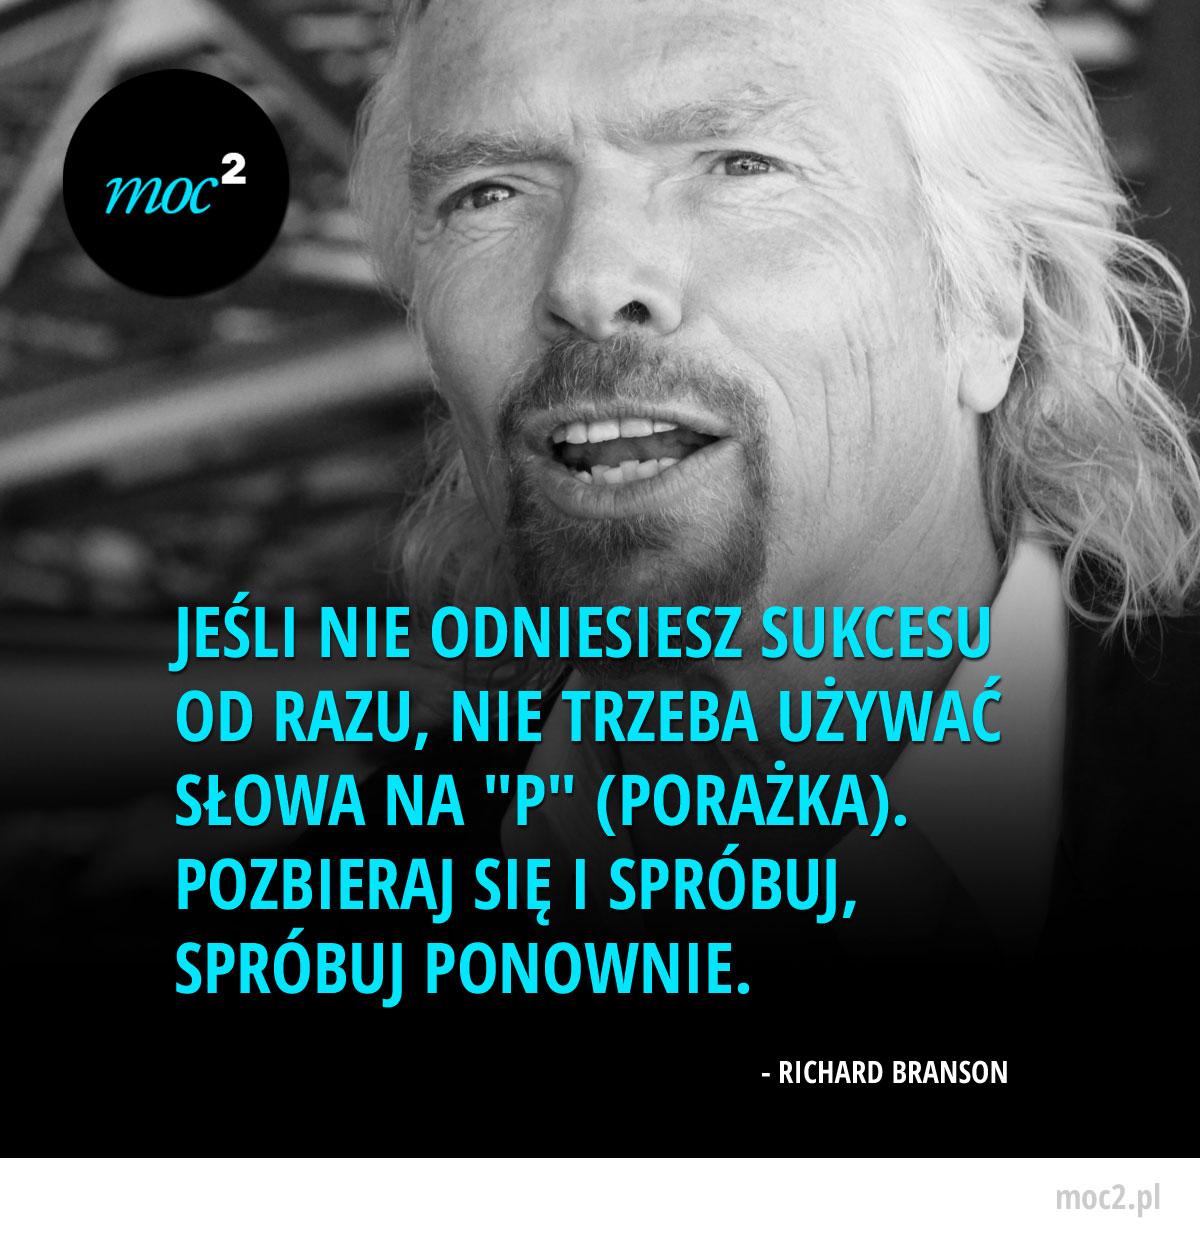 """Jeśli nie odniesiesz sukcesu od razu, nie trzeba używać słowa na """"P"""" (Porażka). Pozbieraj się i spróbuj, spróbuj ponownie. - Richard Branson"""